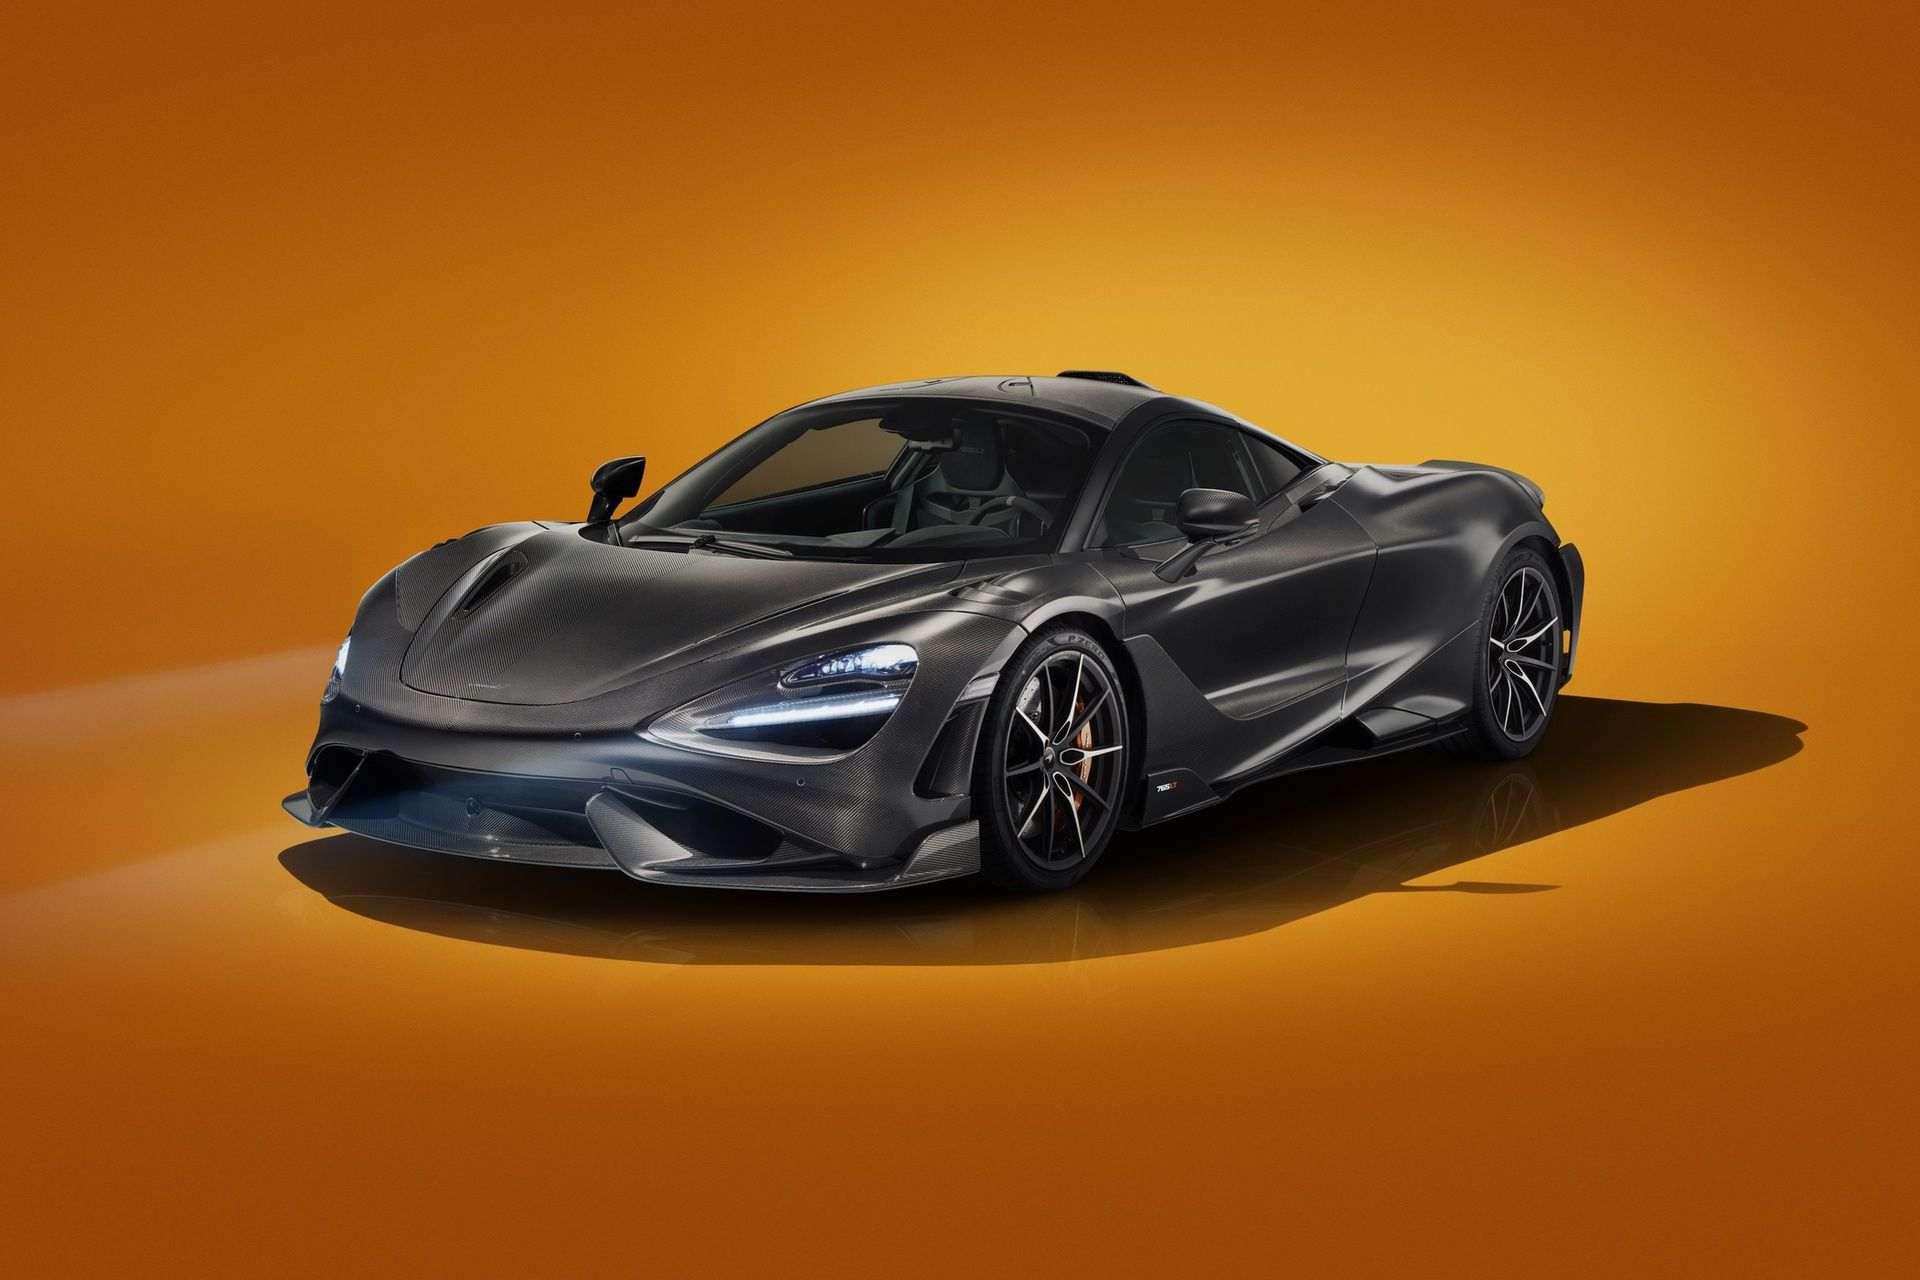 McLaren_765LT_Silverstone_0006